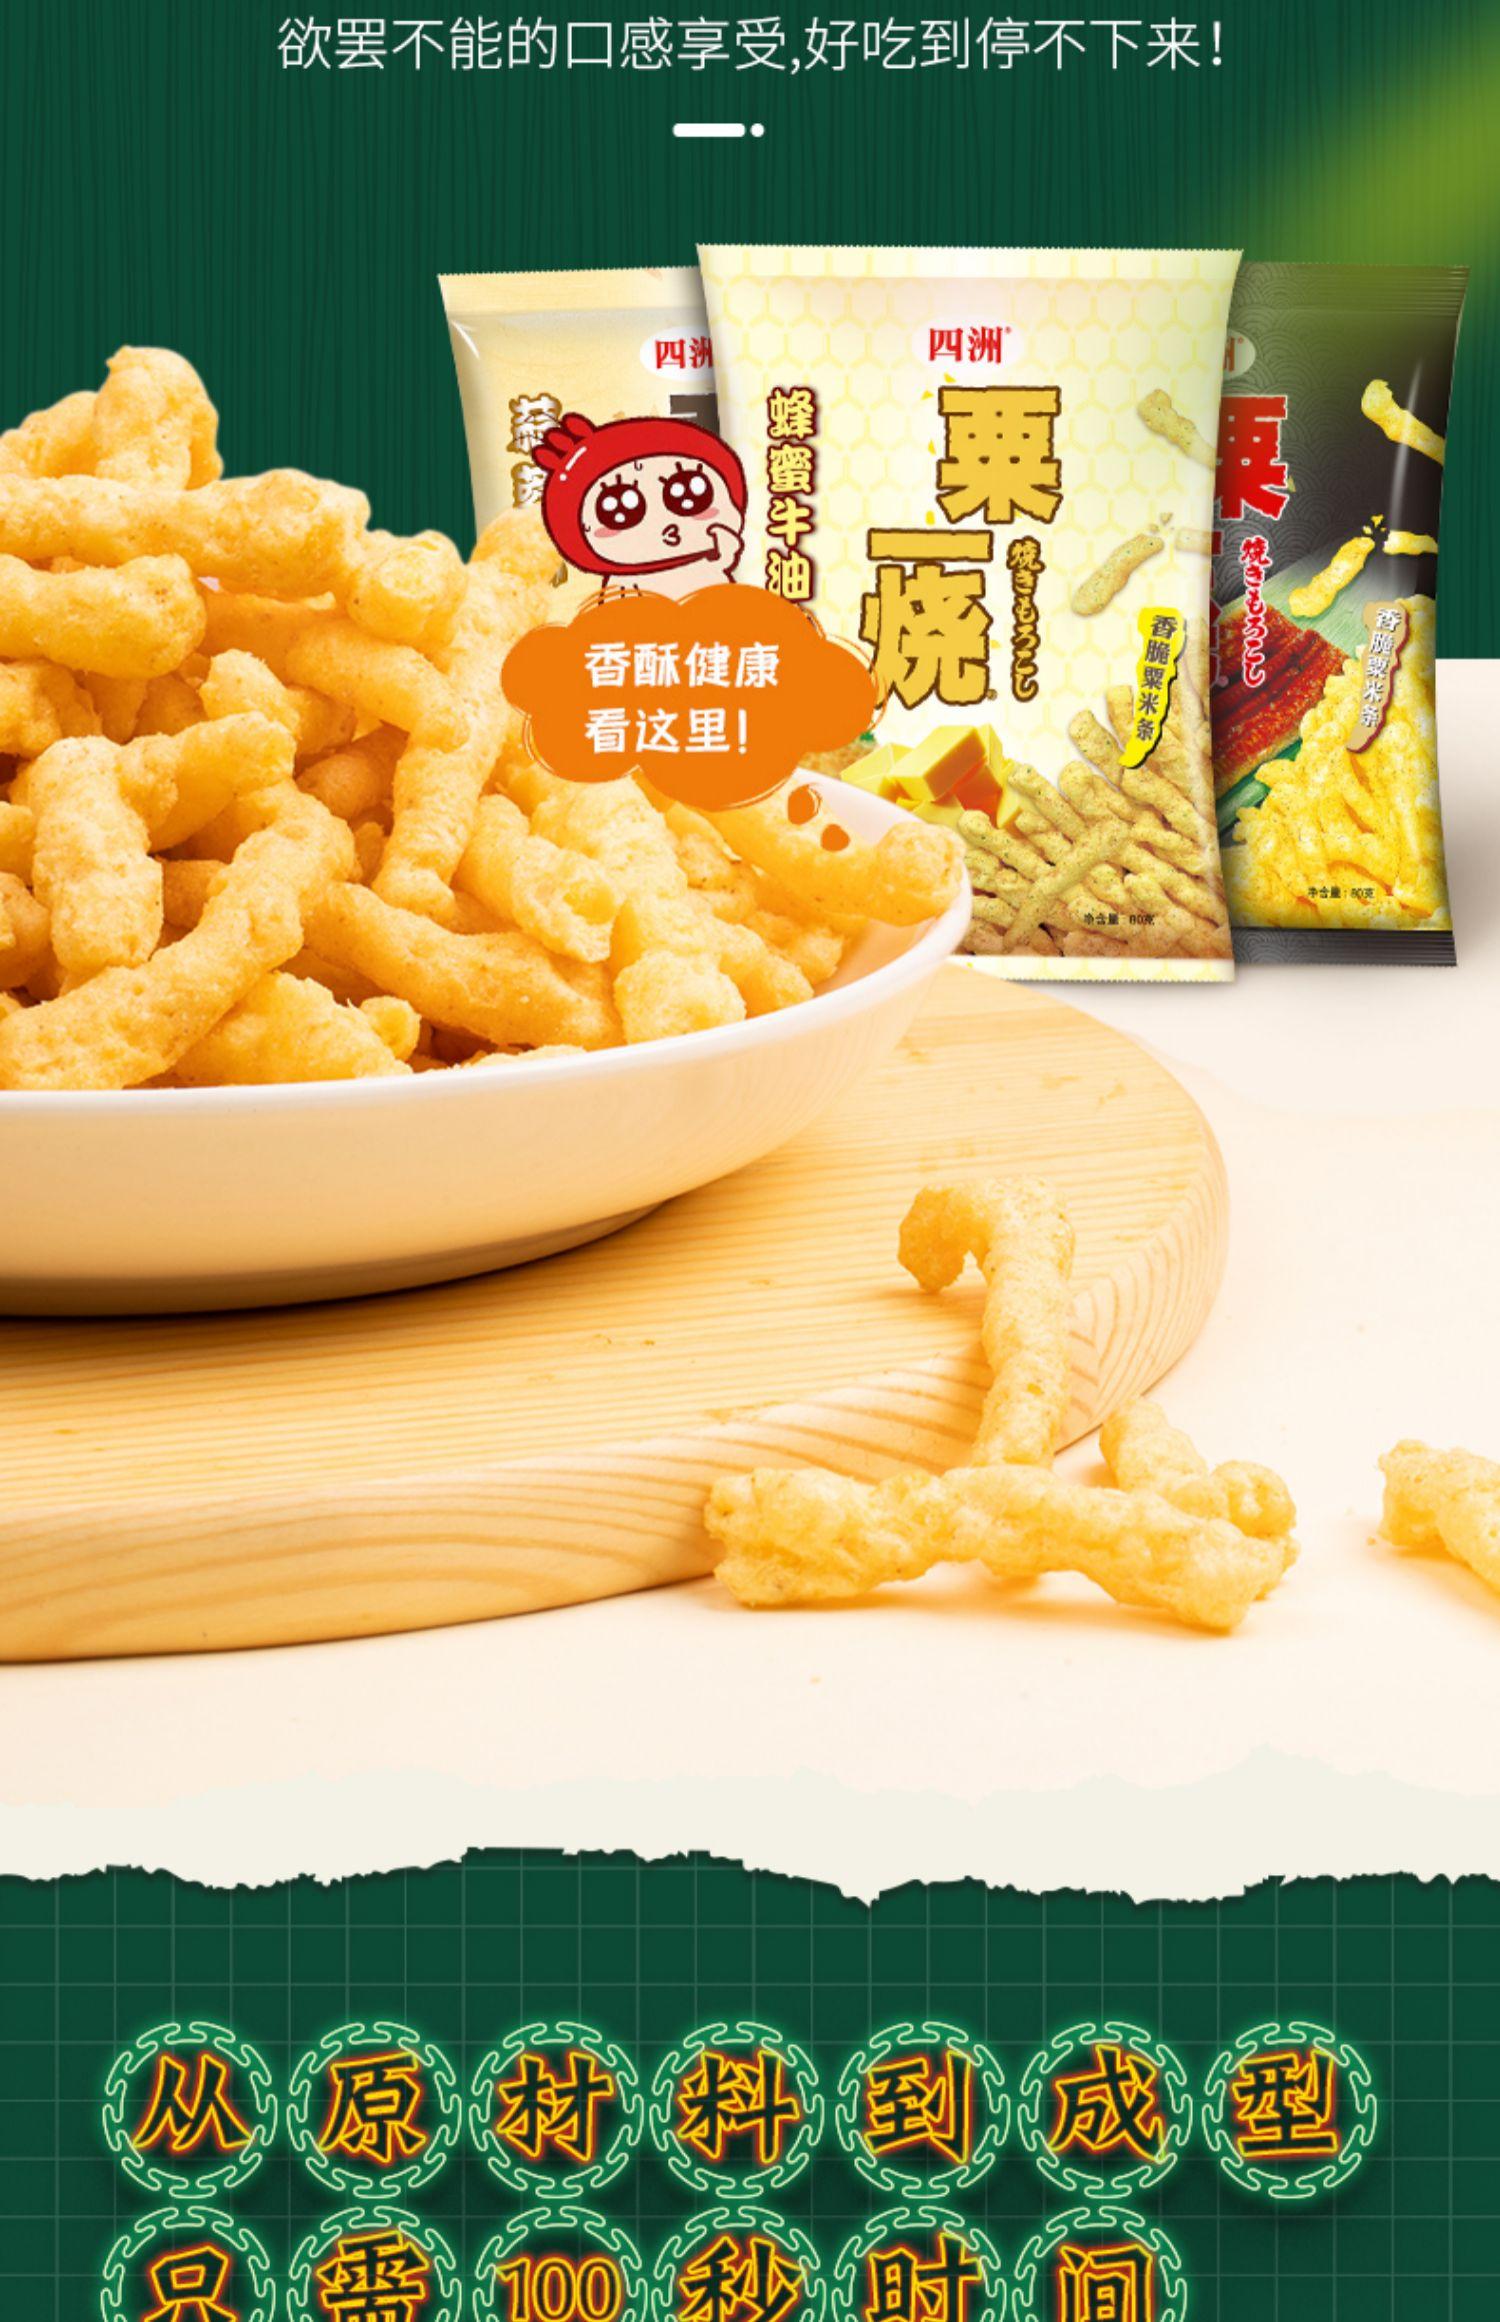 【小小疯推荐】四洲粟一烧零食6包9